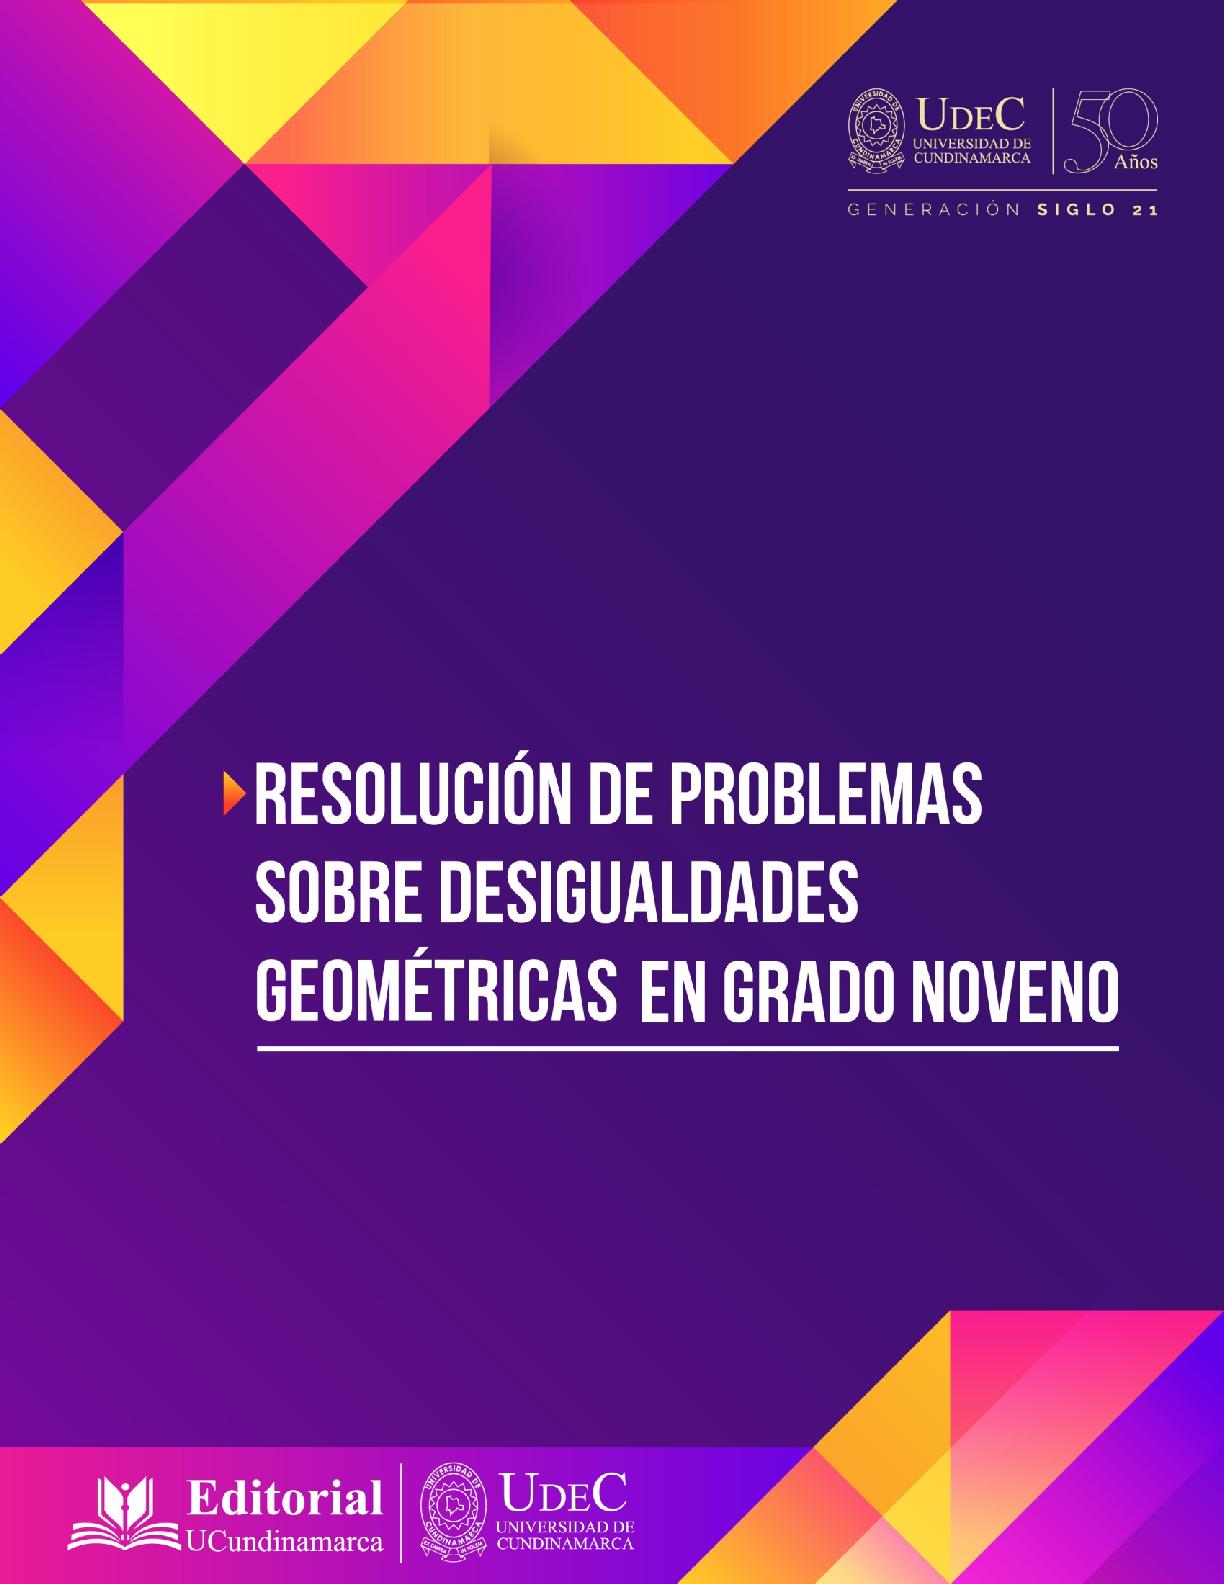 Resolución de problemas sobre desigualdades geométricas en grado noveno